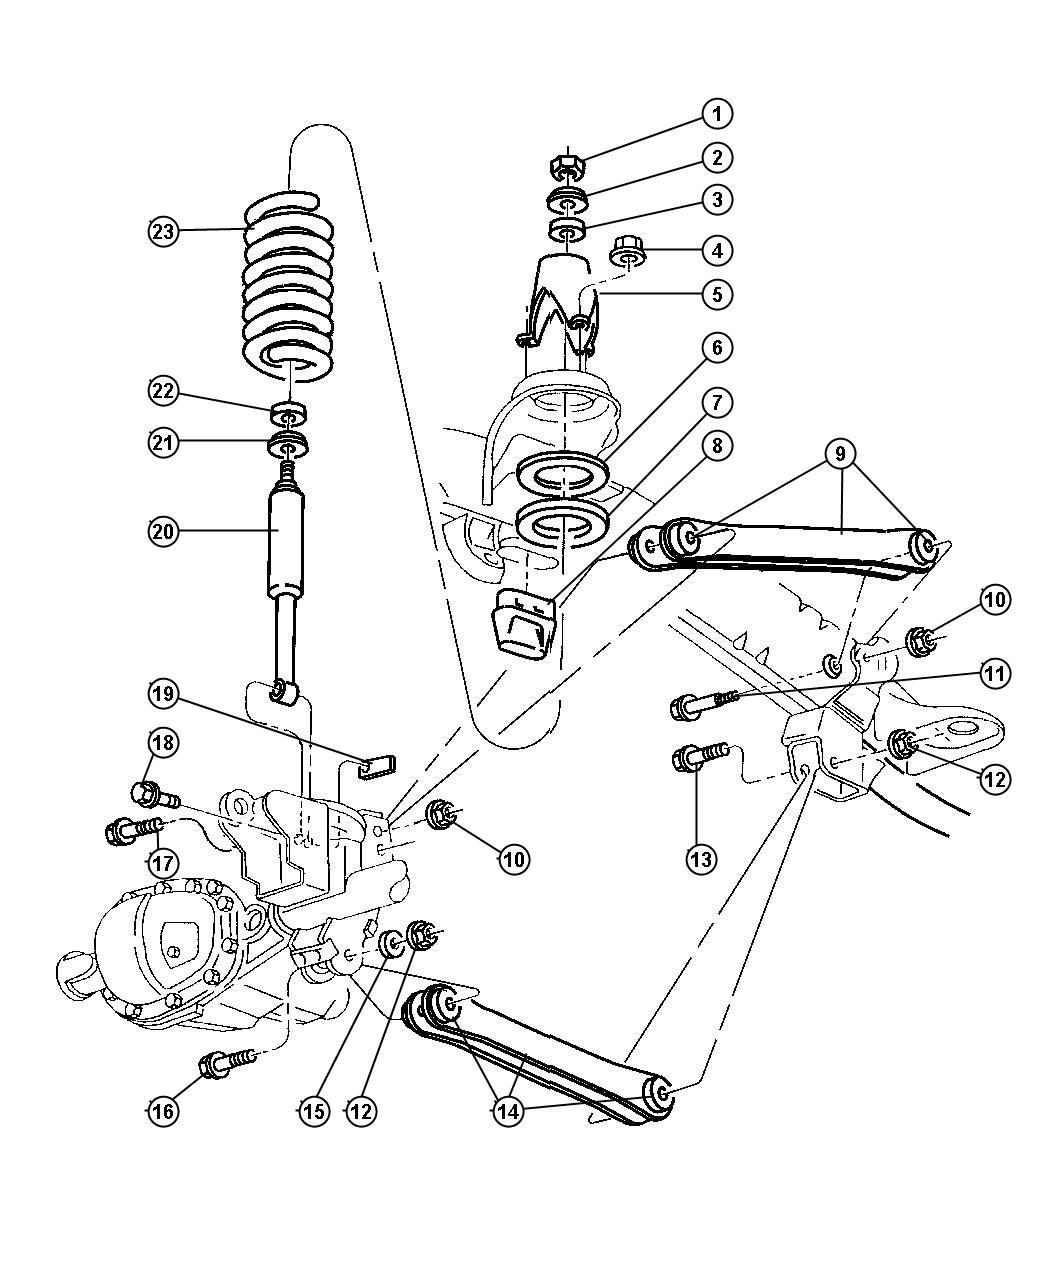 2003 dodge ram 2500 trailer wiring diagram 1985 corvette starter 2016 stereo database pt cruiser seat wire best library 96 neon